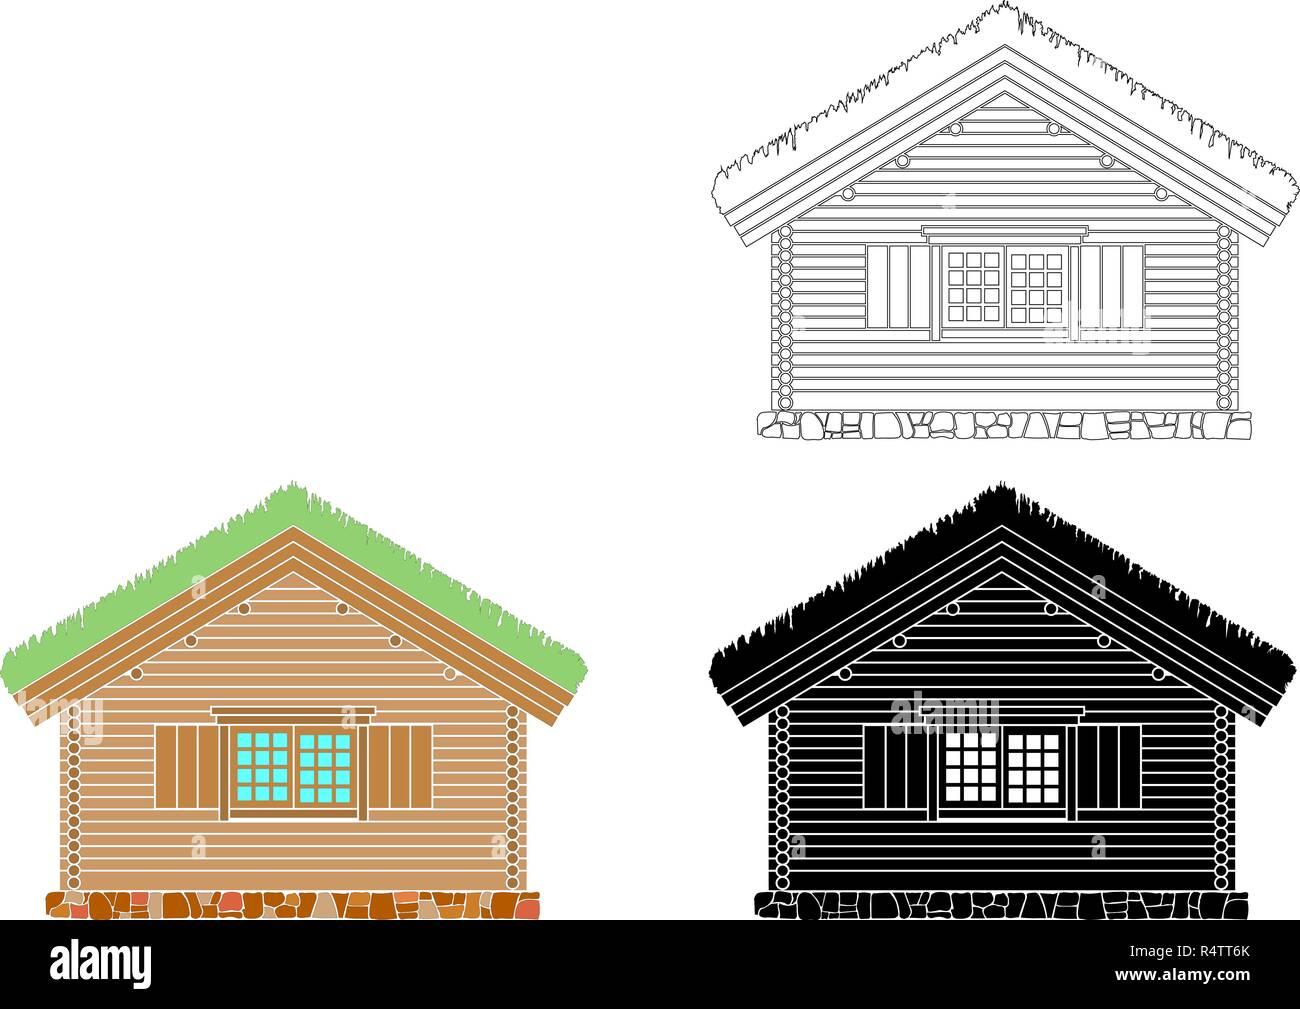 Maison traditionnelle norvégienne de bois rond . Le toit est recouvert de greensward. Vector illustration. Noir, blanc et couleur d'ossature. Photo Stock